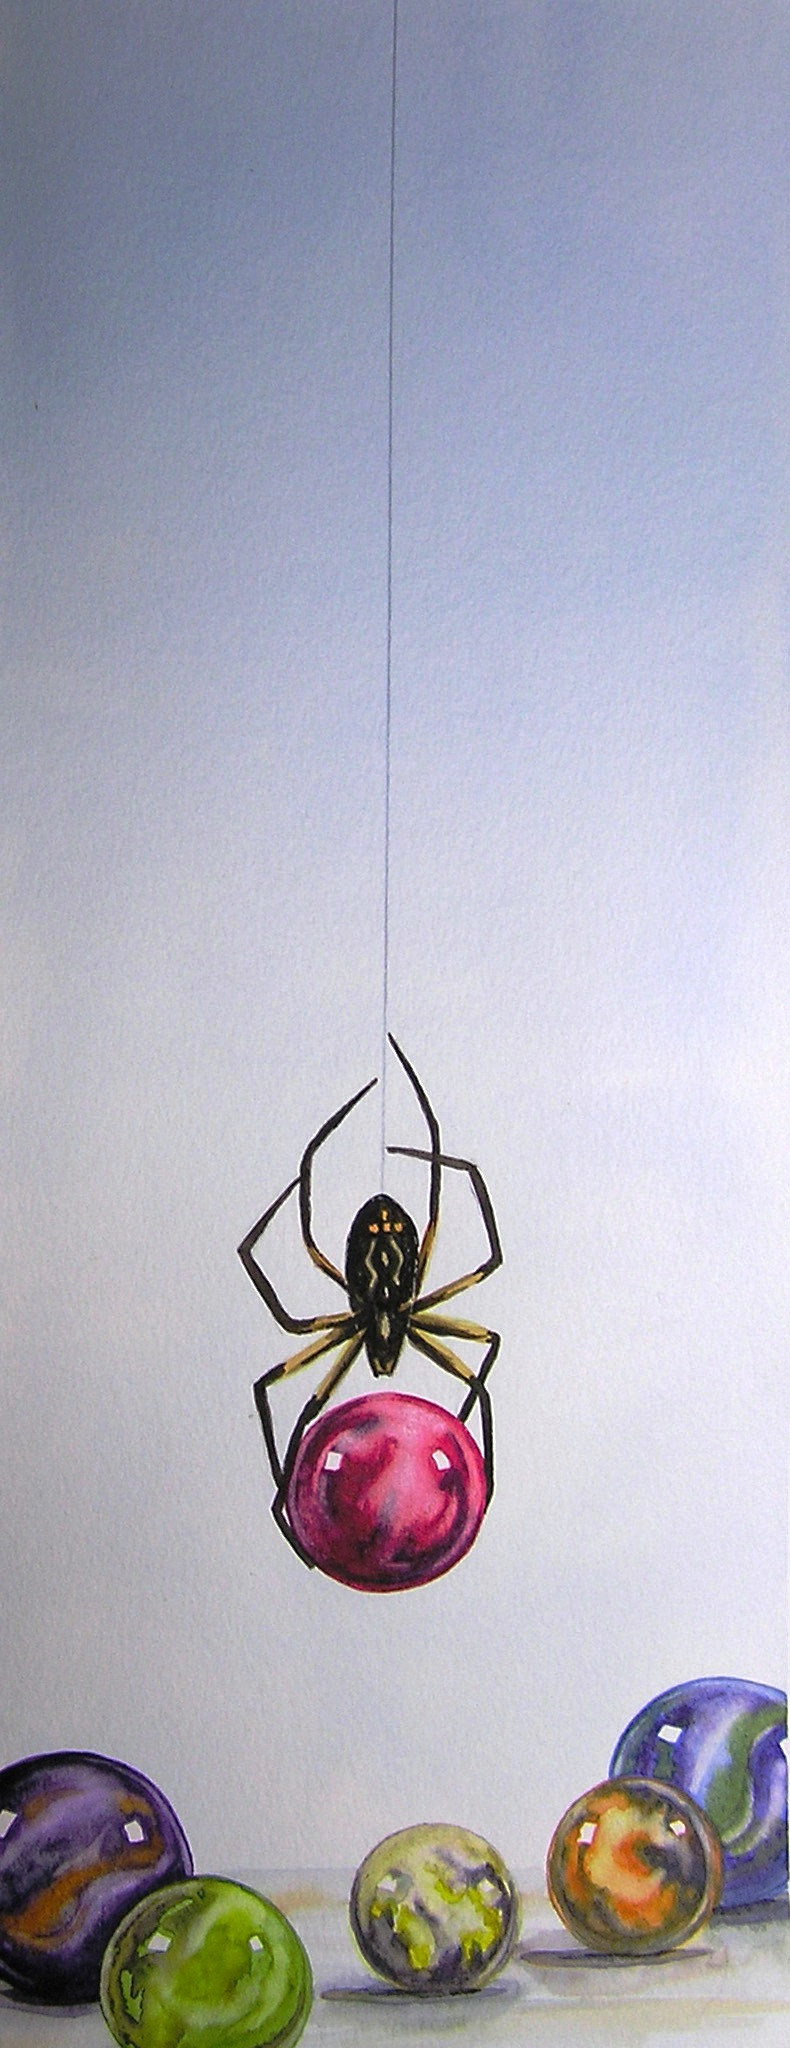 Marble Thief, Spider